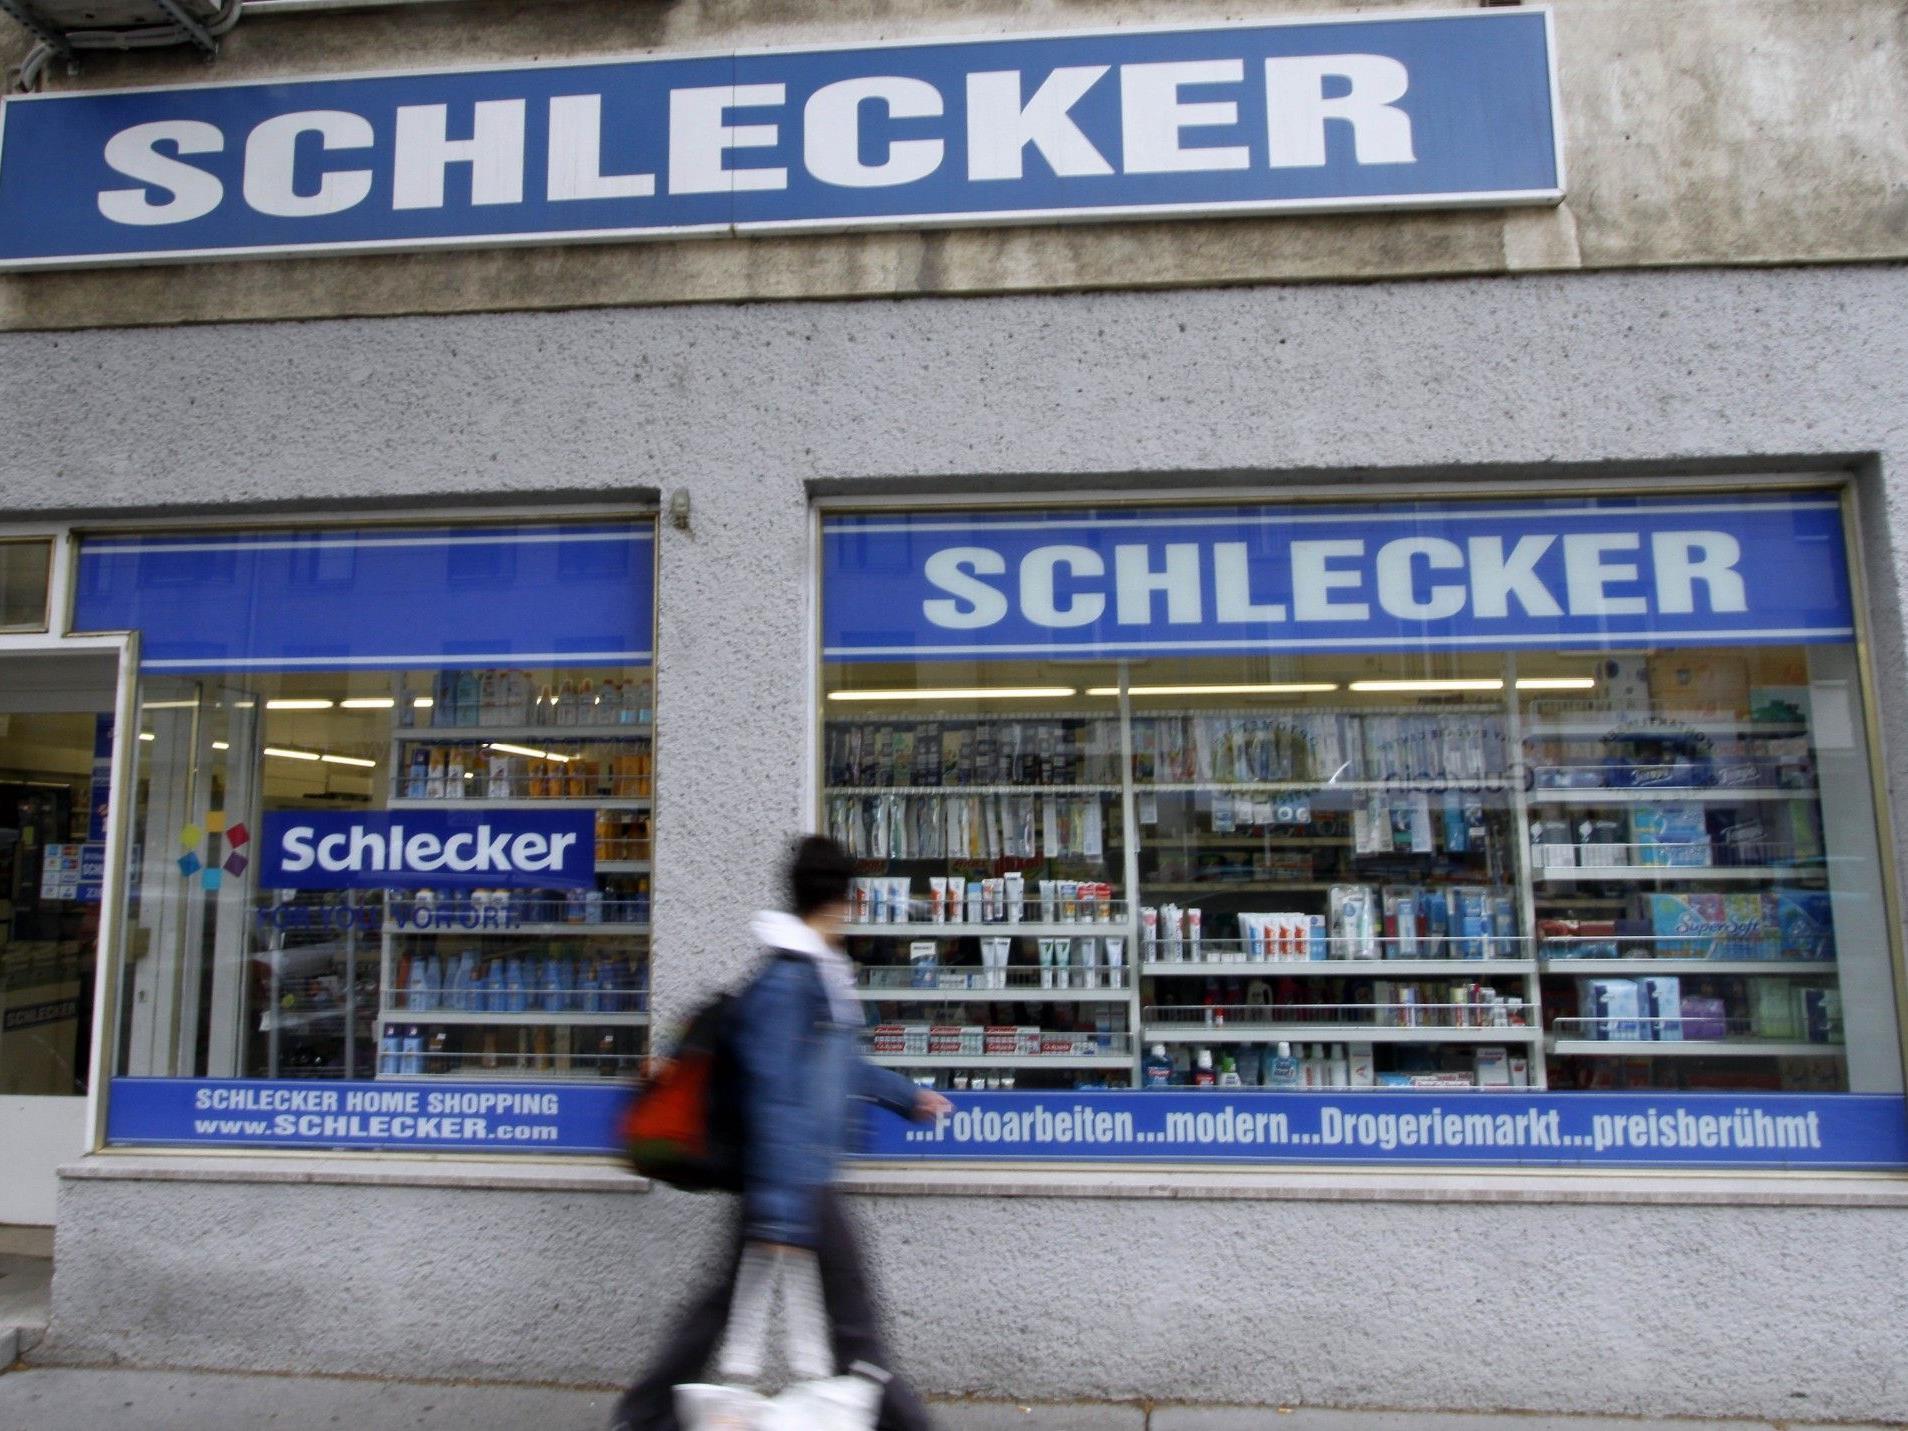 Wohin geht der Weg für die österreichischen Schlecker Filialen?